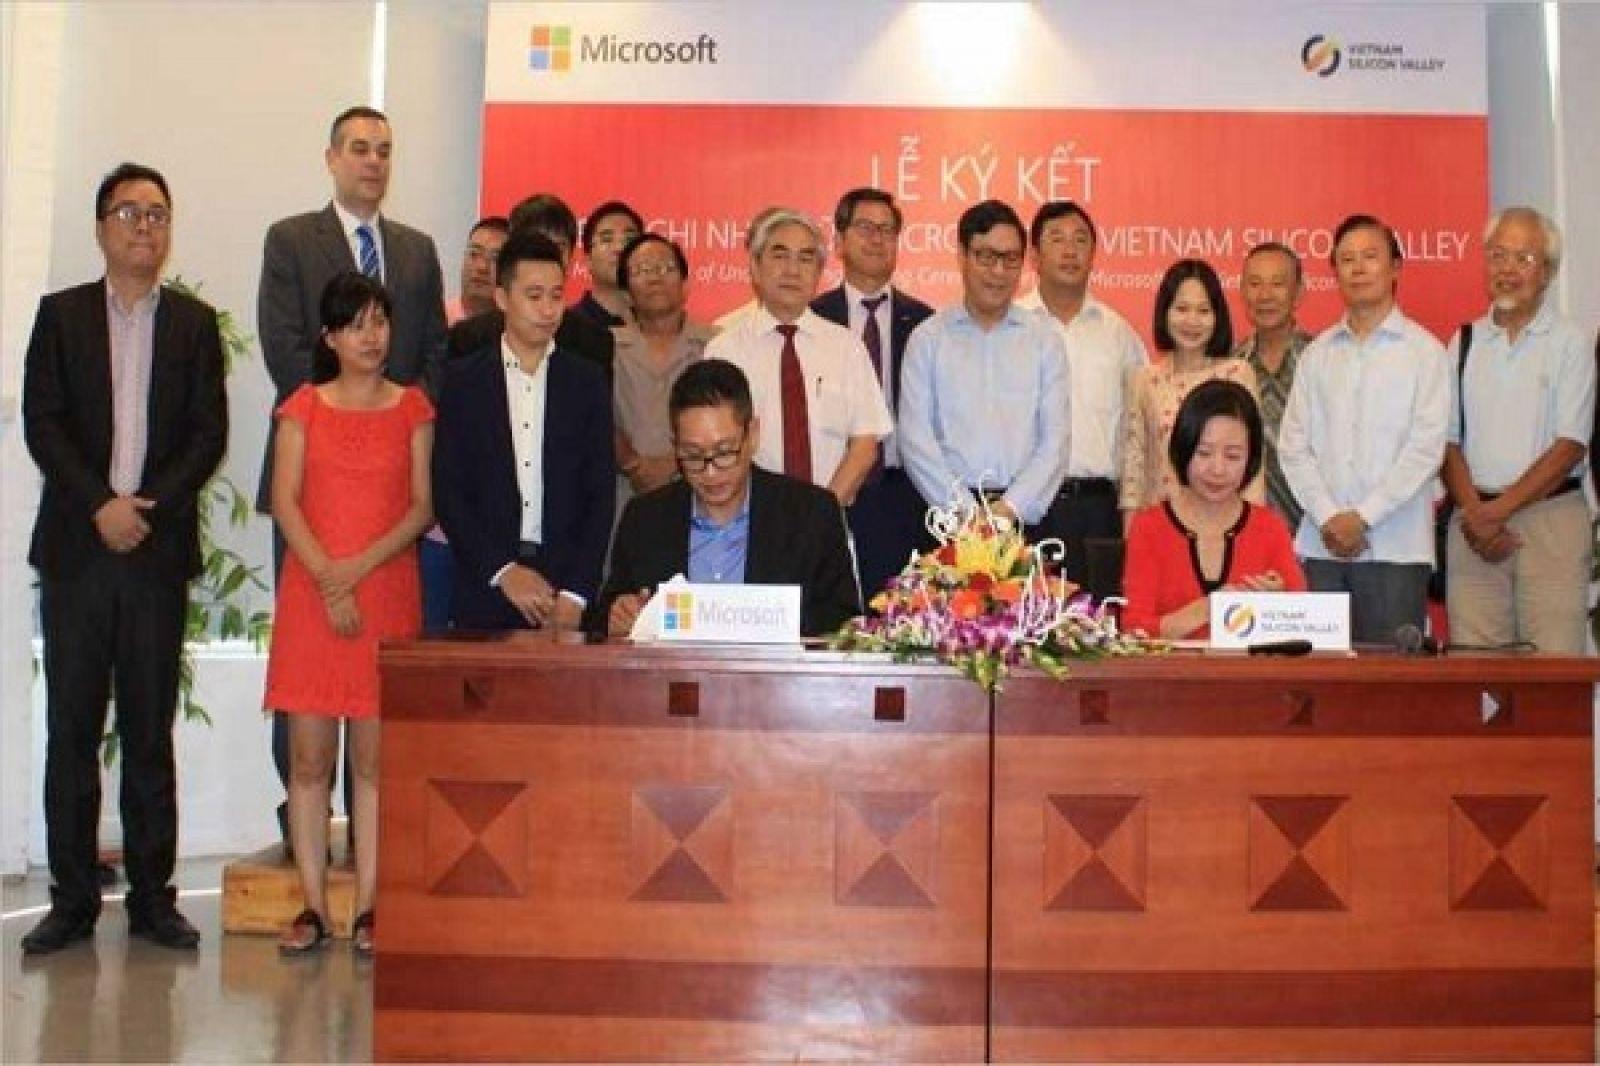 Vietnam Silicon Valey ký kết hợp tác với Microsofl Việt Nam